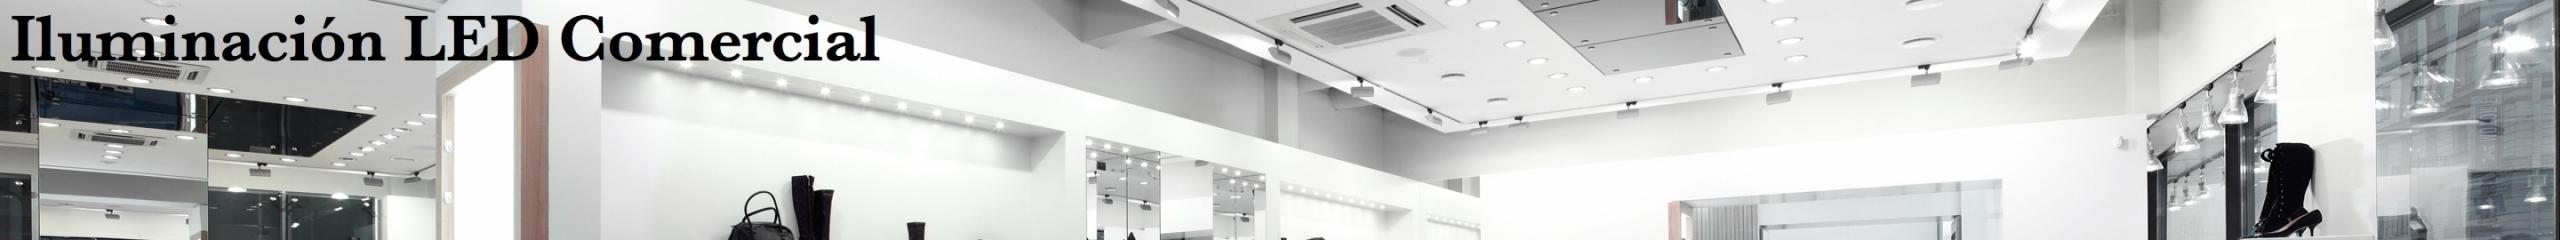 Iluminación LED Comercial